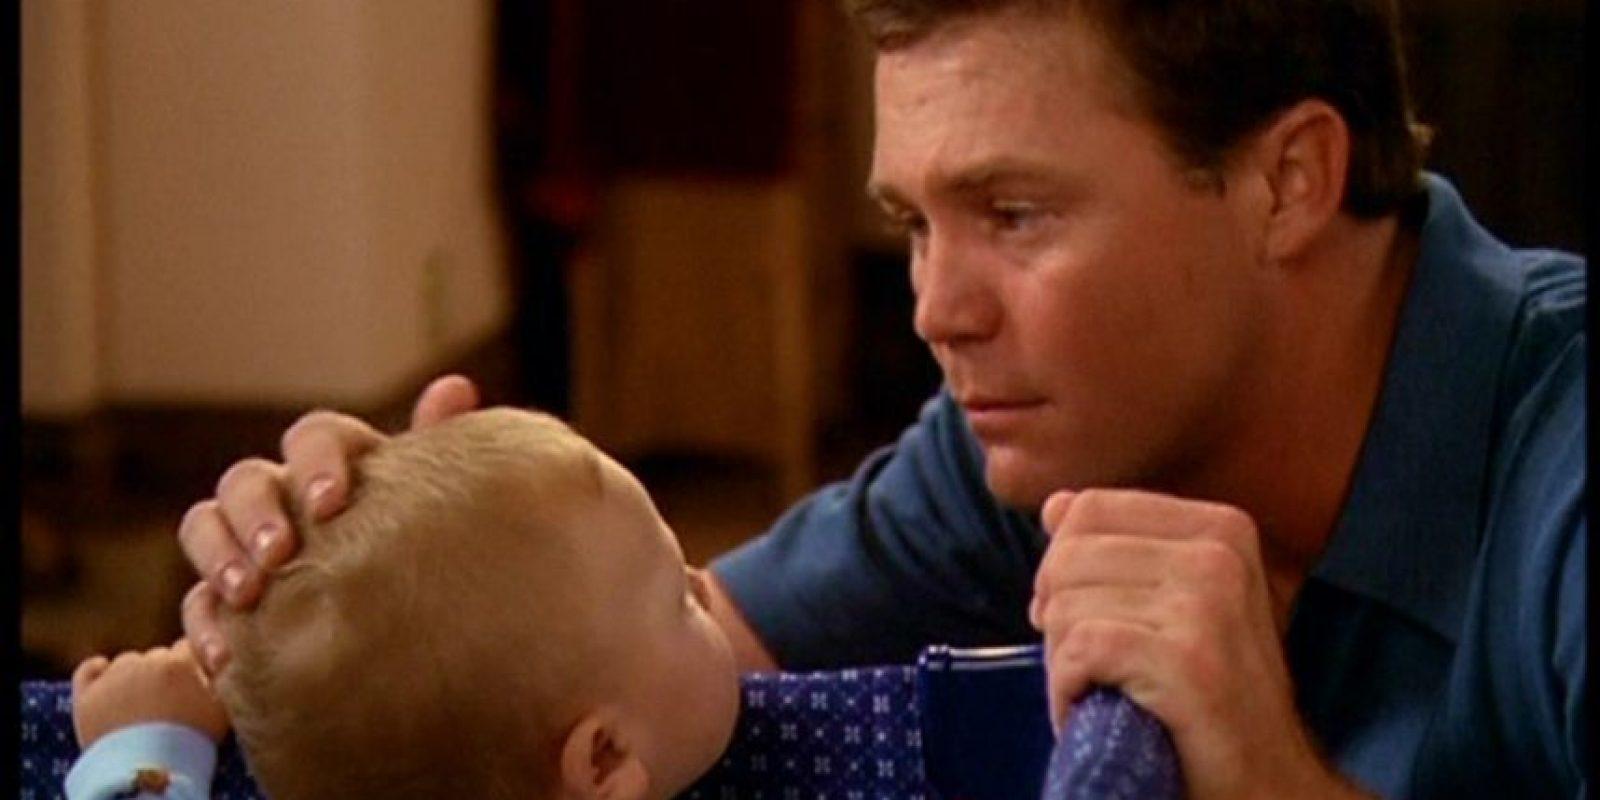 Los gemelos Jason y Kristopher Simmons le diero vida a este bebé. Foto:vía simmons-boys.com